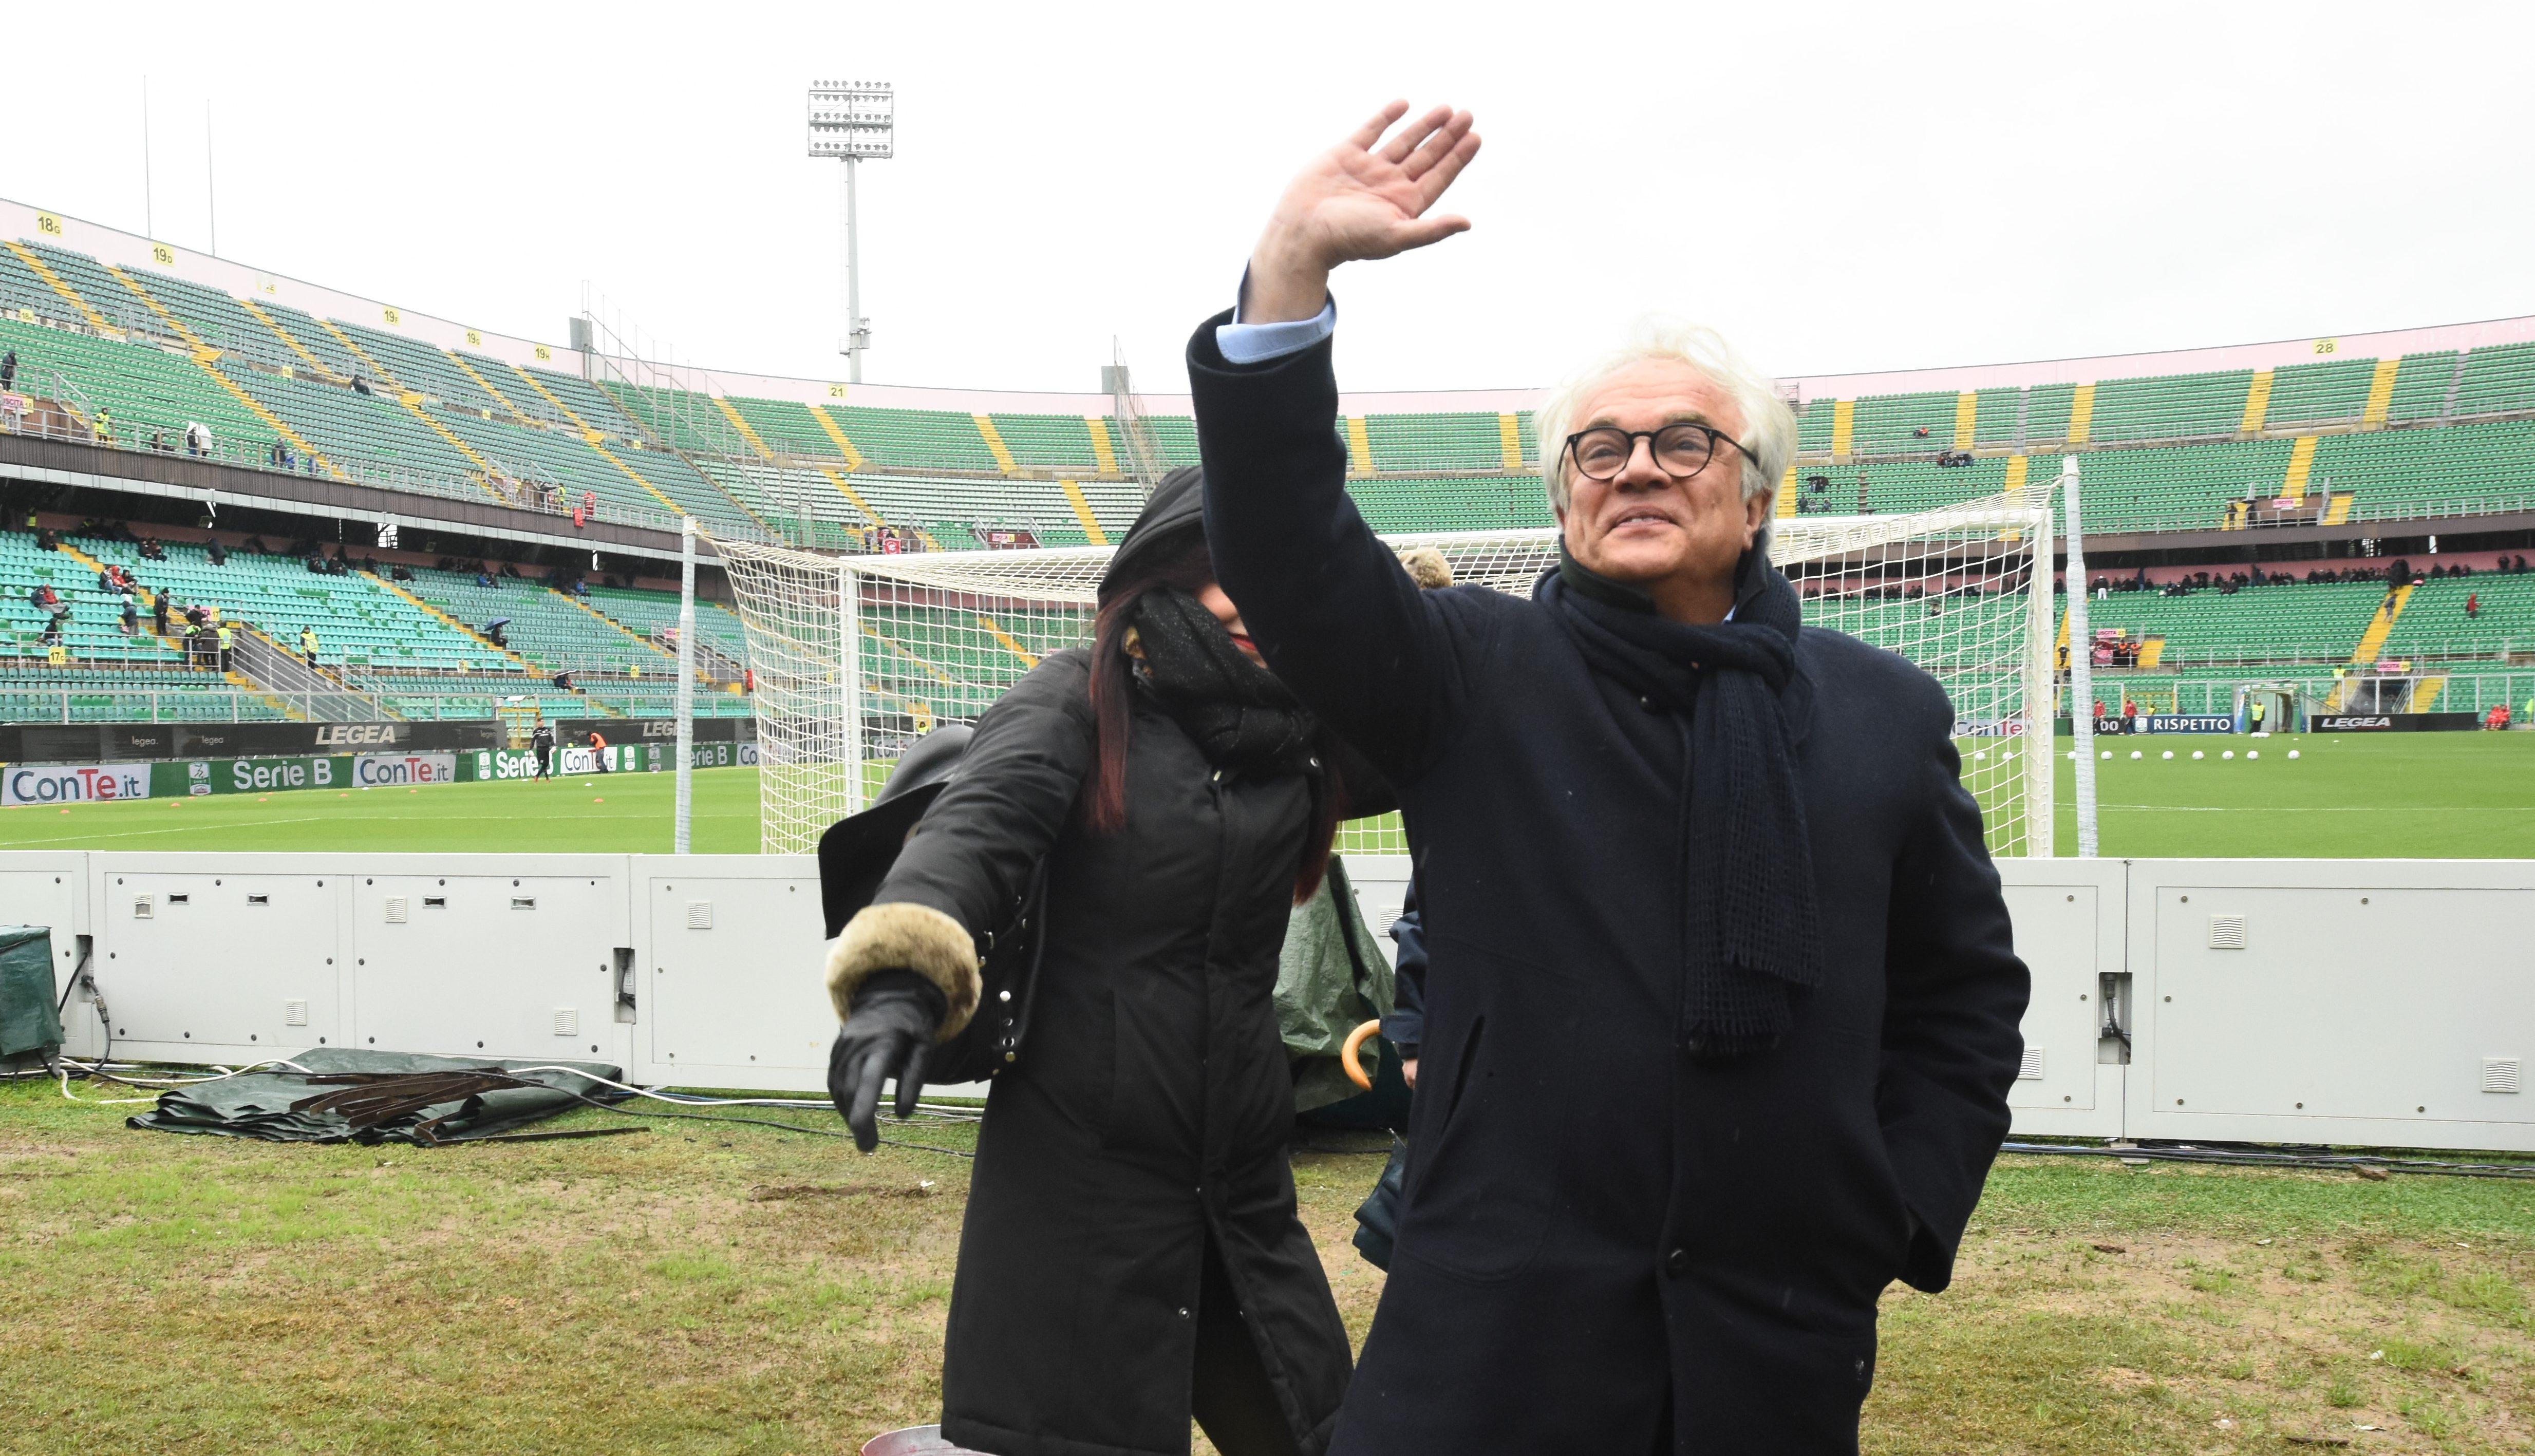 """Anche l'ex presidente del Palermo, Giovanni Giammarva, era presente alla manifestazione """"Rosanero in Fest"""".Giammarva ha ricevutounpremiodalla Curva Nord 12 che lo ha ringraziato per il suo percorso in rosanero: """"Mi avete accolto in maniera meravigliosa e mi avete fatto sentire uno di voi – ha detto Giammarva -. Oggi mi avete reso davvero felice con questo premio"""". STADIONEWS A ROSANERO IN FEST Giammarva, poi, si è soffermato sul periodo della squadra rosanero: """"Questa gioia e questo affetto nei confronti di questo sport mi manca tantissimo. Per fortuna siamo in un momento positivo, la squadra sta facendo bene e abbiamo tutte"""